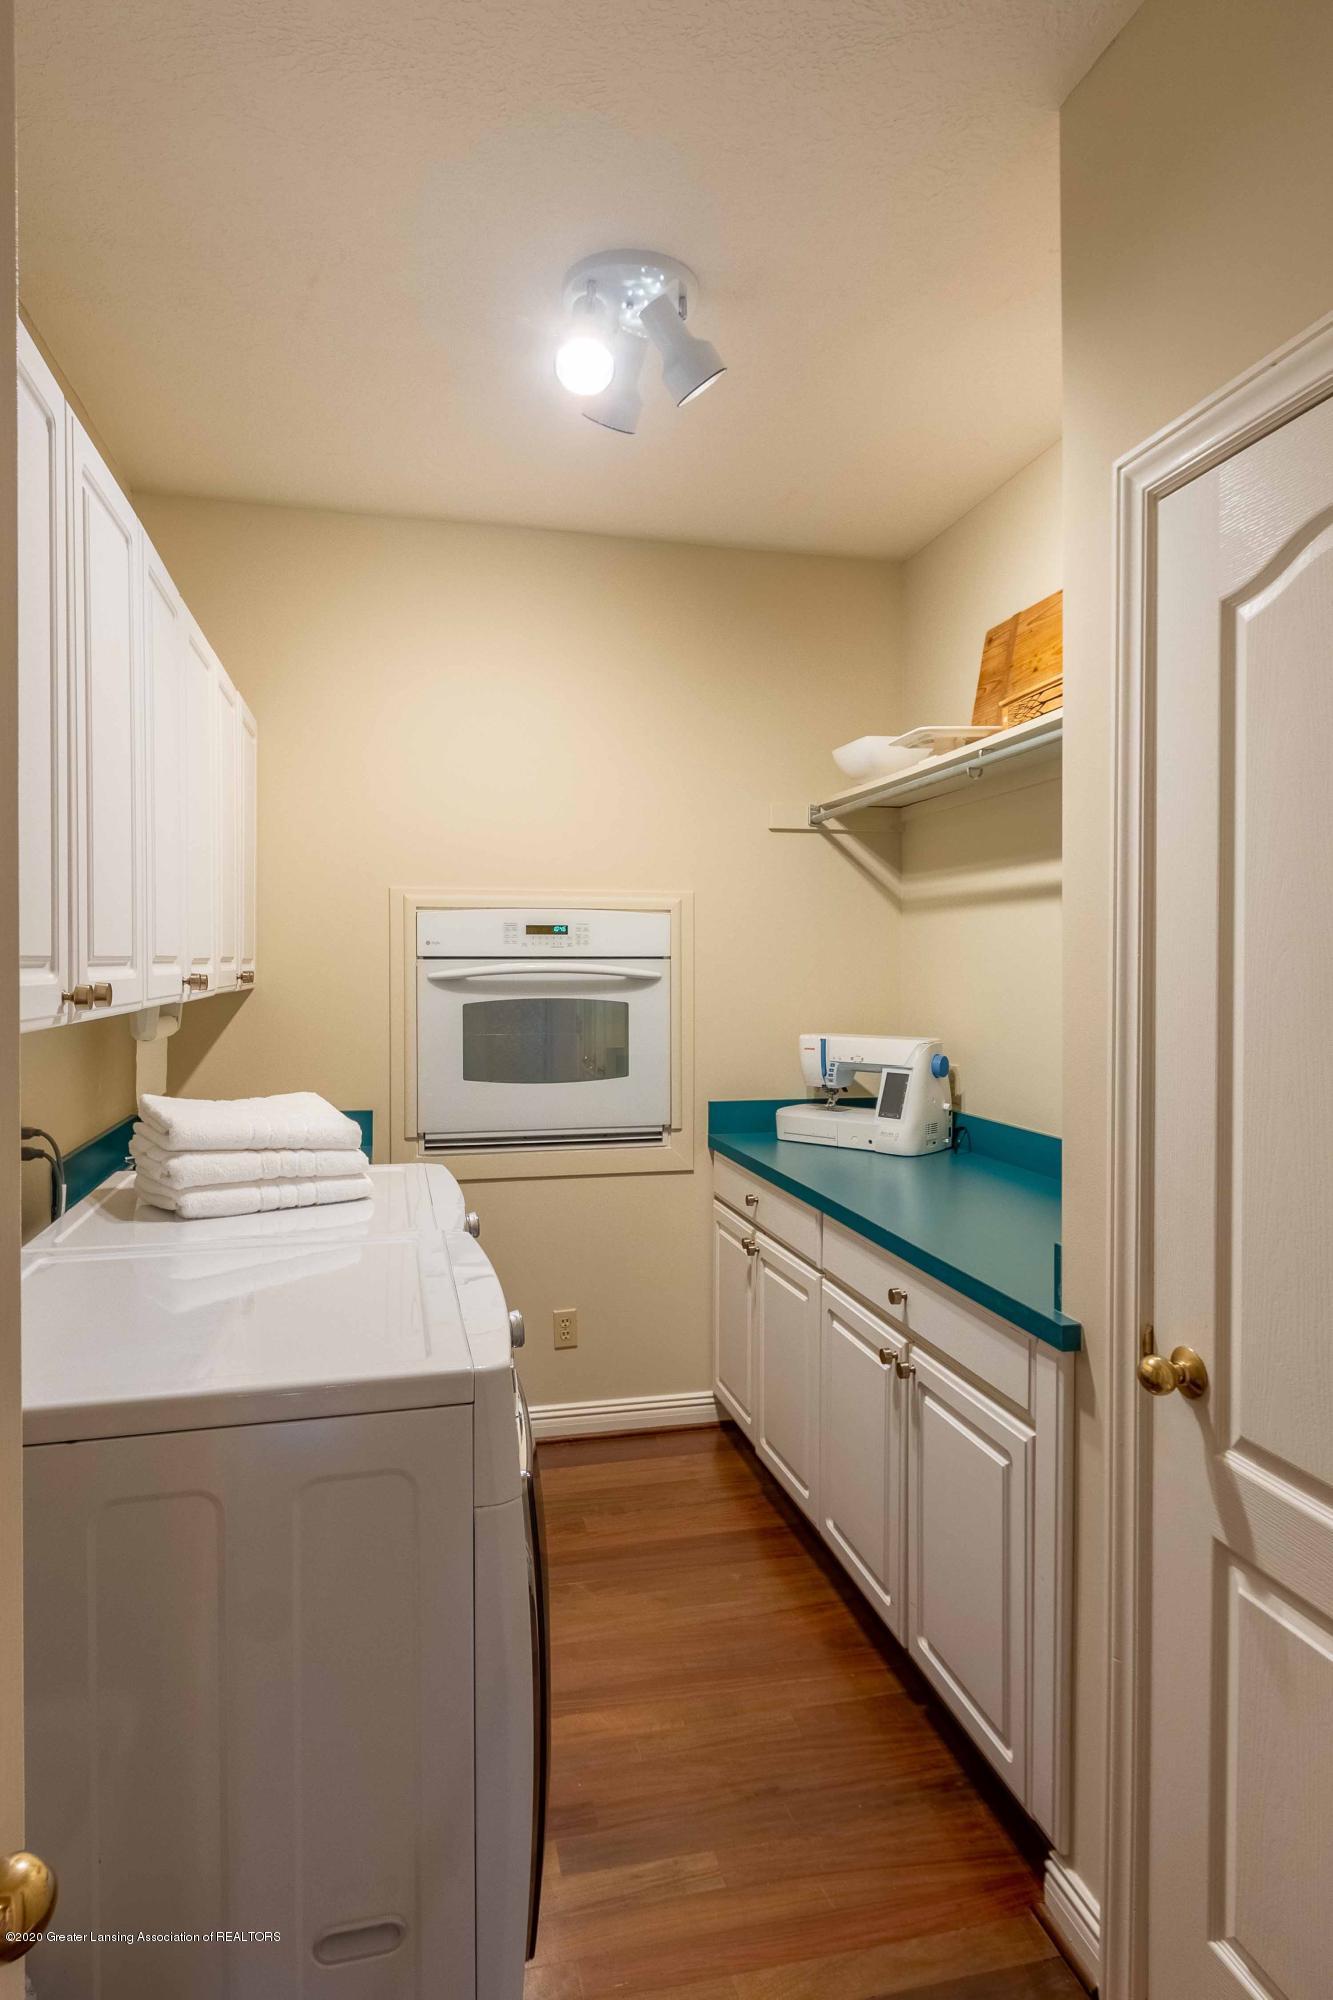 3631 Beech Tree Ln - 3631 Beech Tree Laundry Room - 27